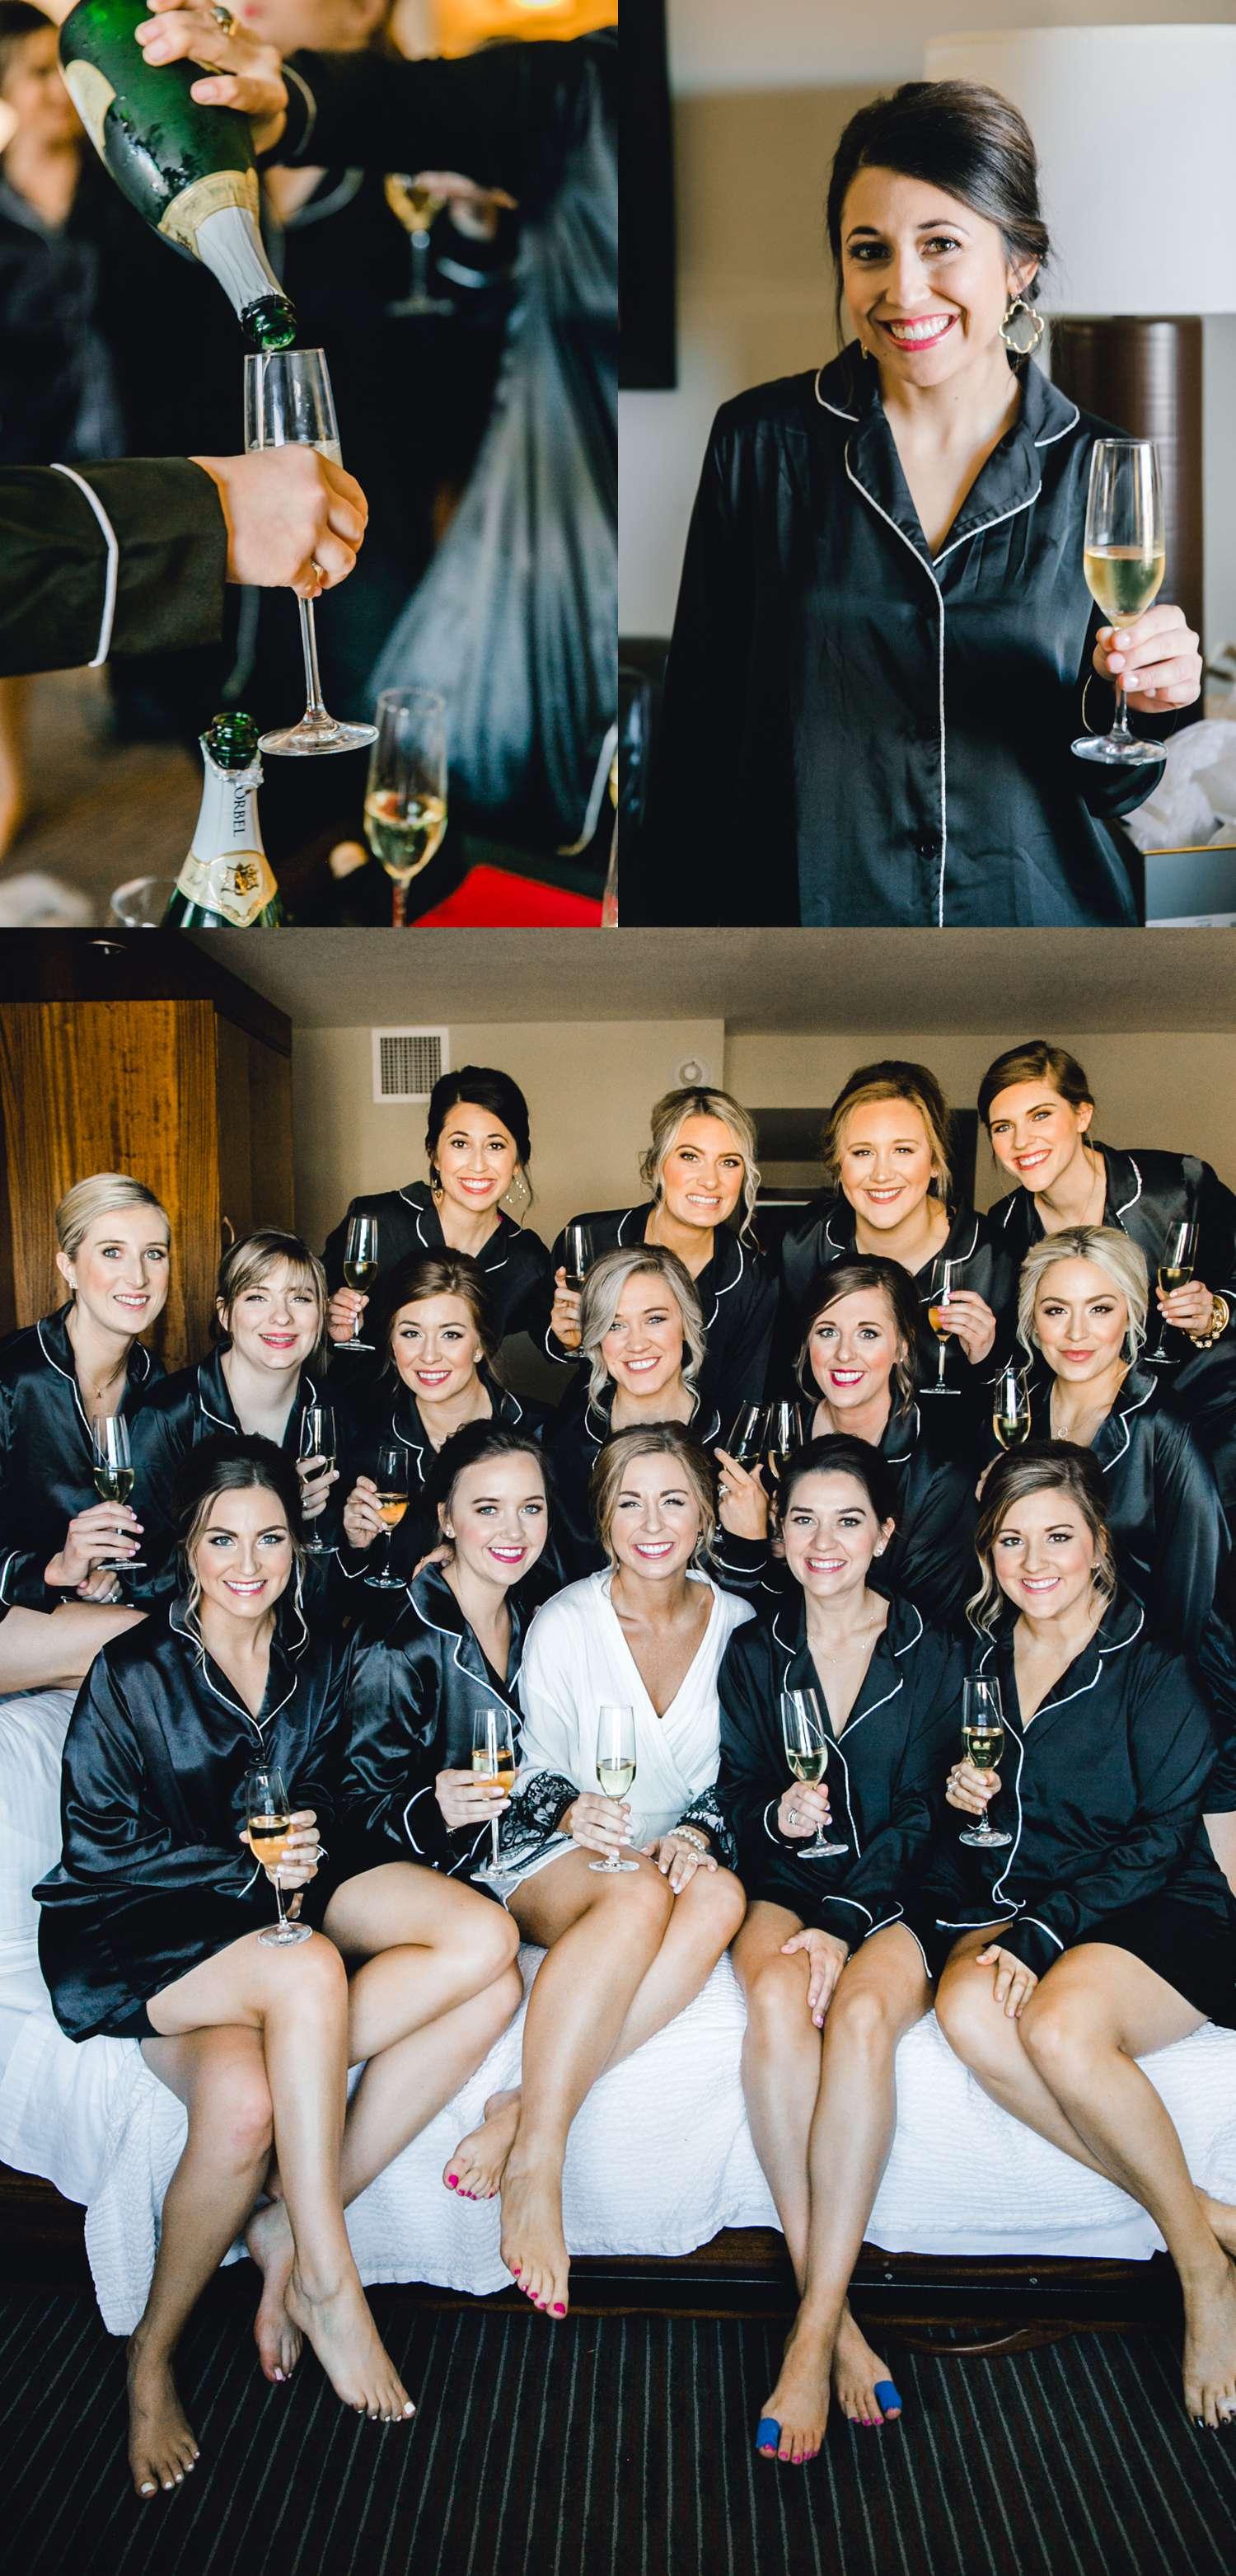 MARLEE+LLOYD+MORGAN+ALLEEJ+TEXAS+TECH+MERKET+ALUMNI+WEDDINGS+LUBBOCK+WEST+TABLE+CLASSIC+SPAIN_0047.jpg